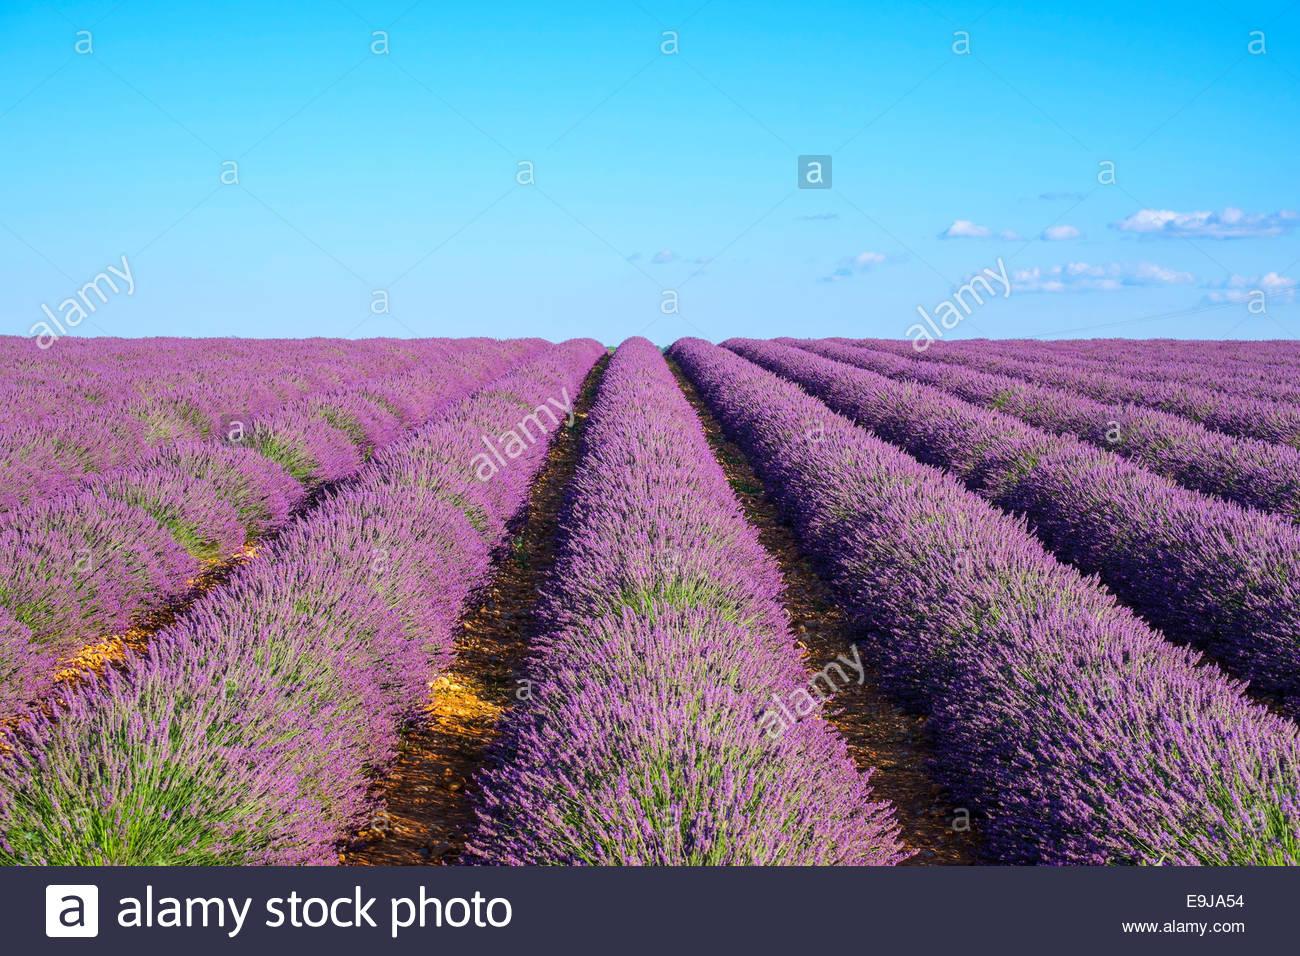 Righe di viola di lavanda in altezza del blumo ai primi di luglio in campo sul Plateau de Valensole, Provenza, Francia Immagini Stock